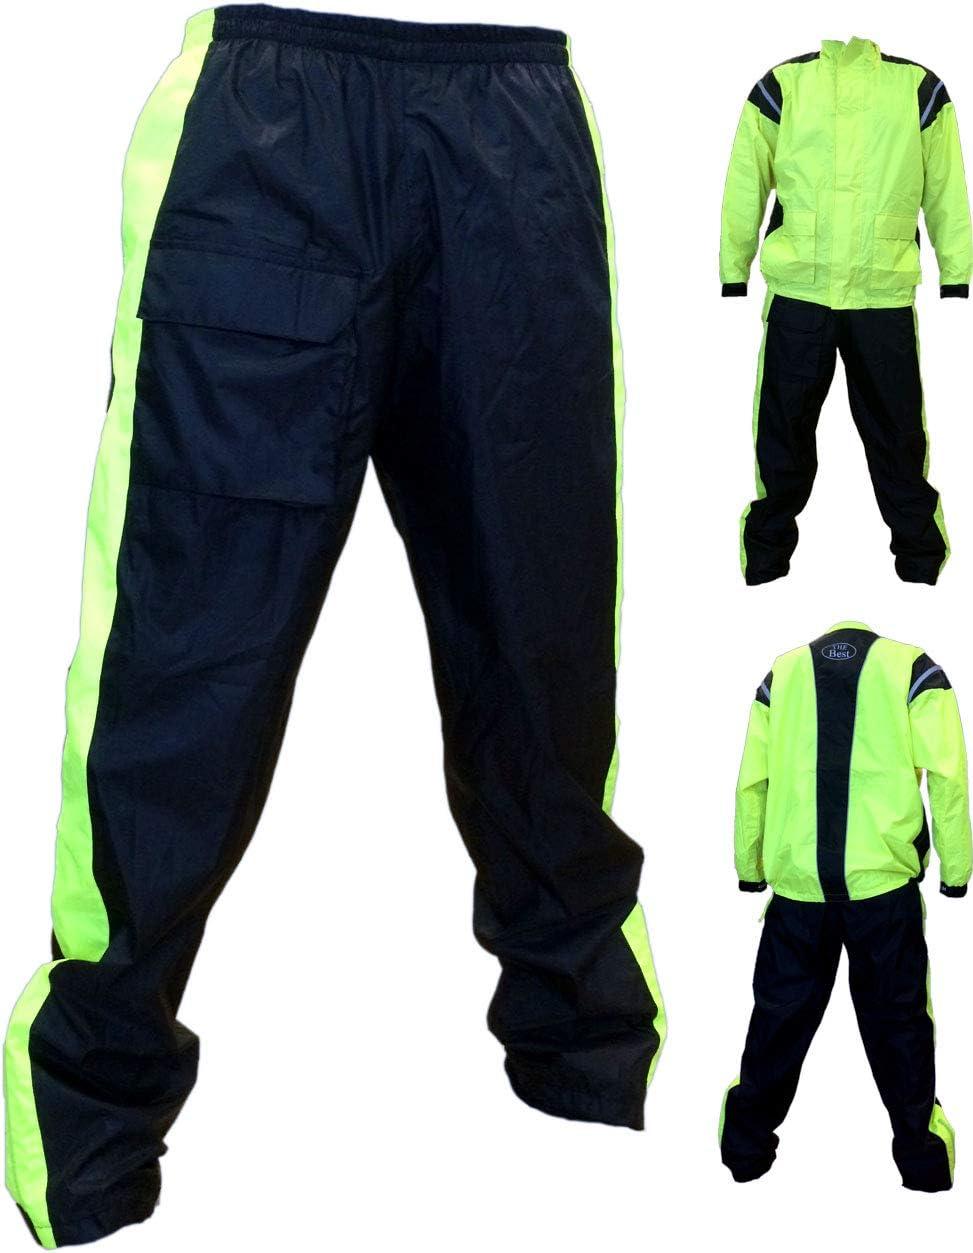 AMAS The Best COMPLETO GIACCA+PANTALONE ANTIACQUA NERO//FLUO 100/% IMPERMEABILE in NYLON PVC SPALMATO s, solo pantalone